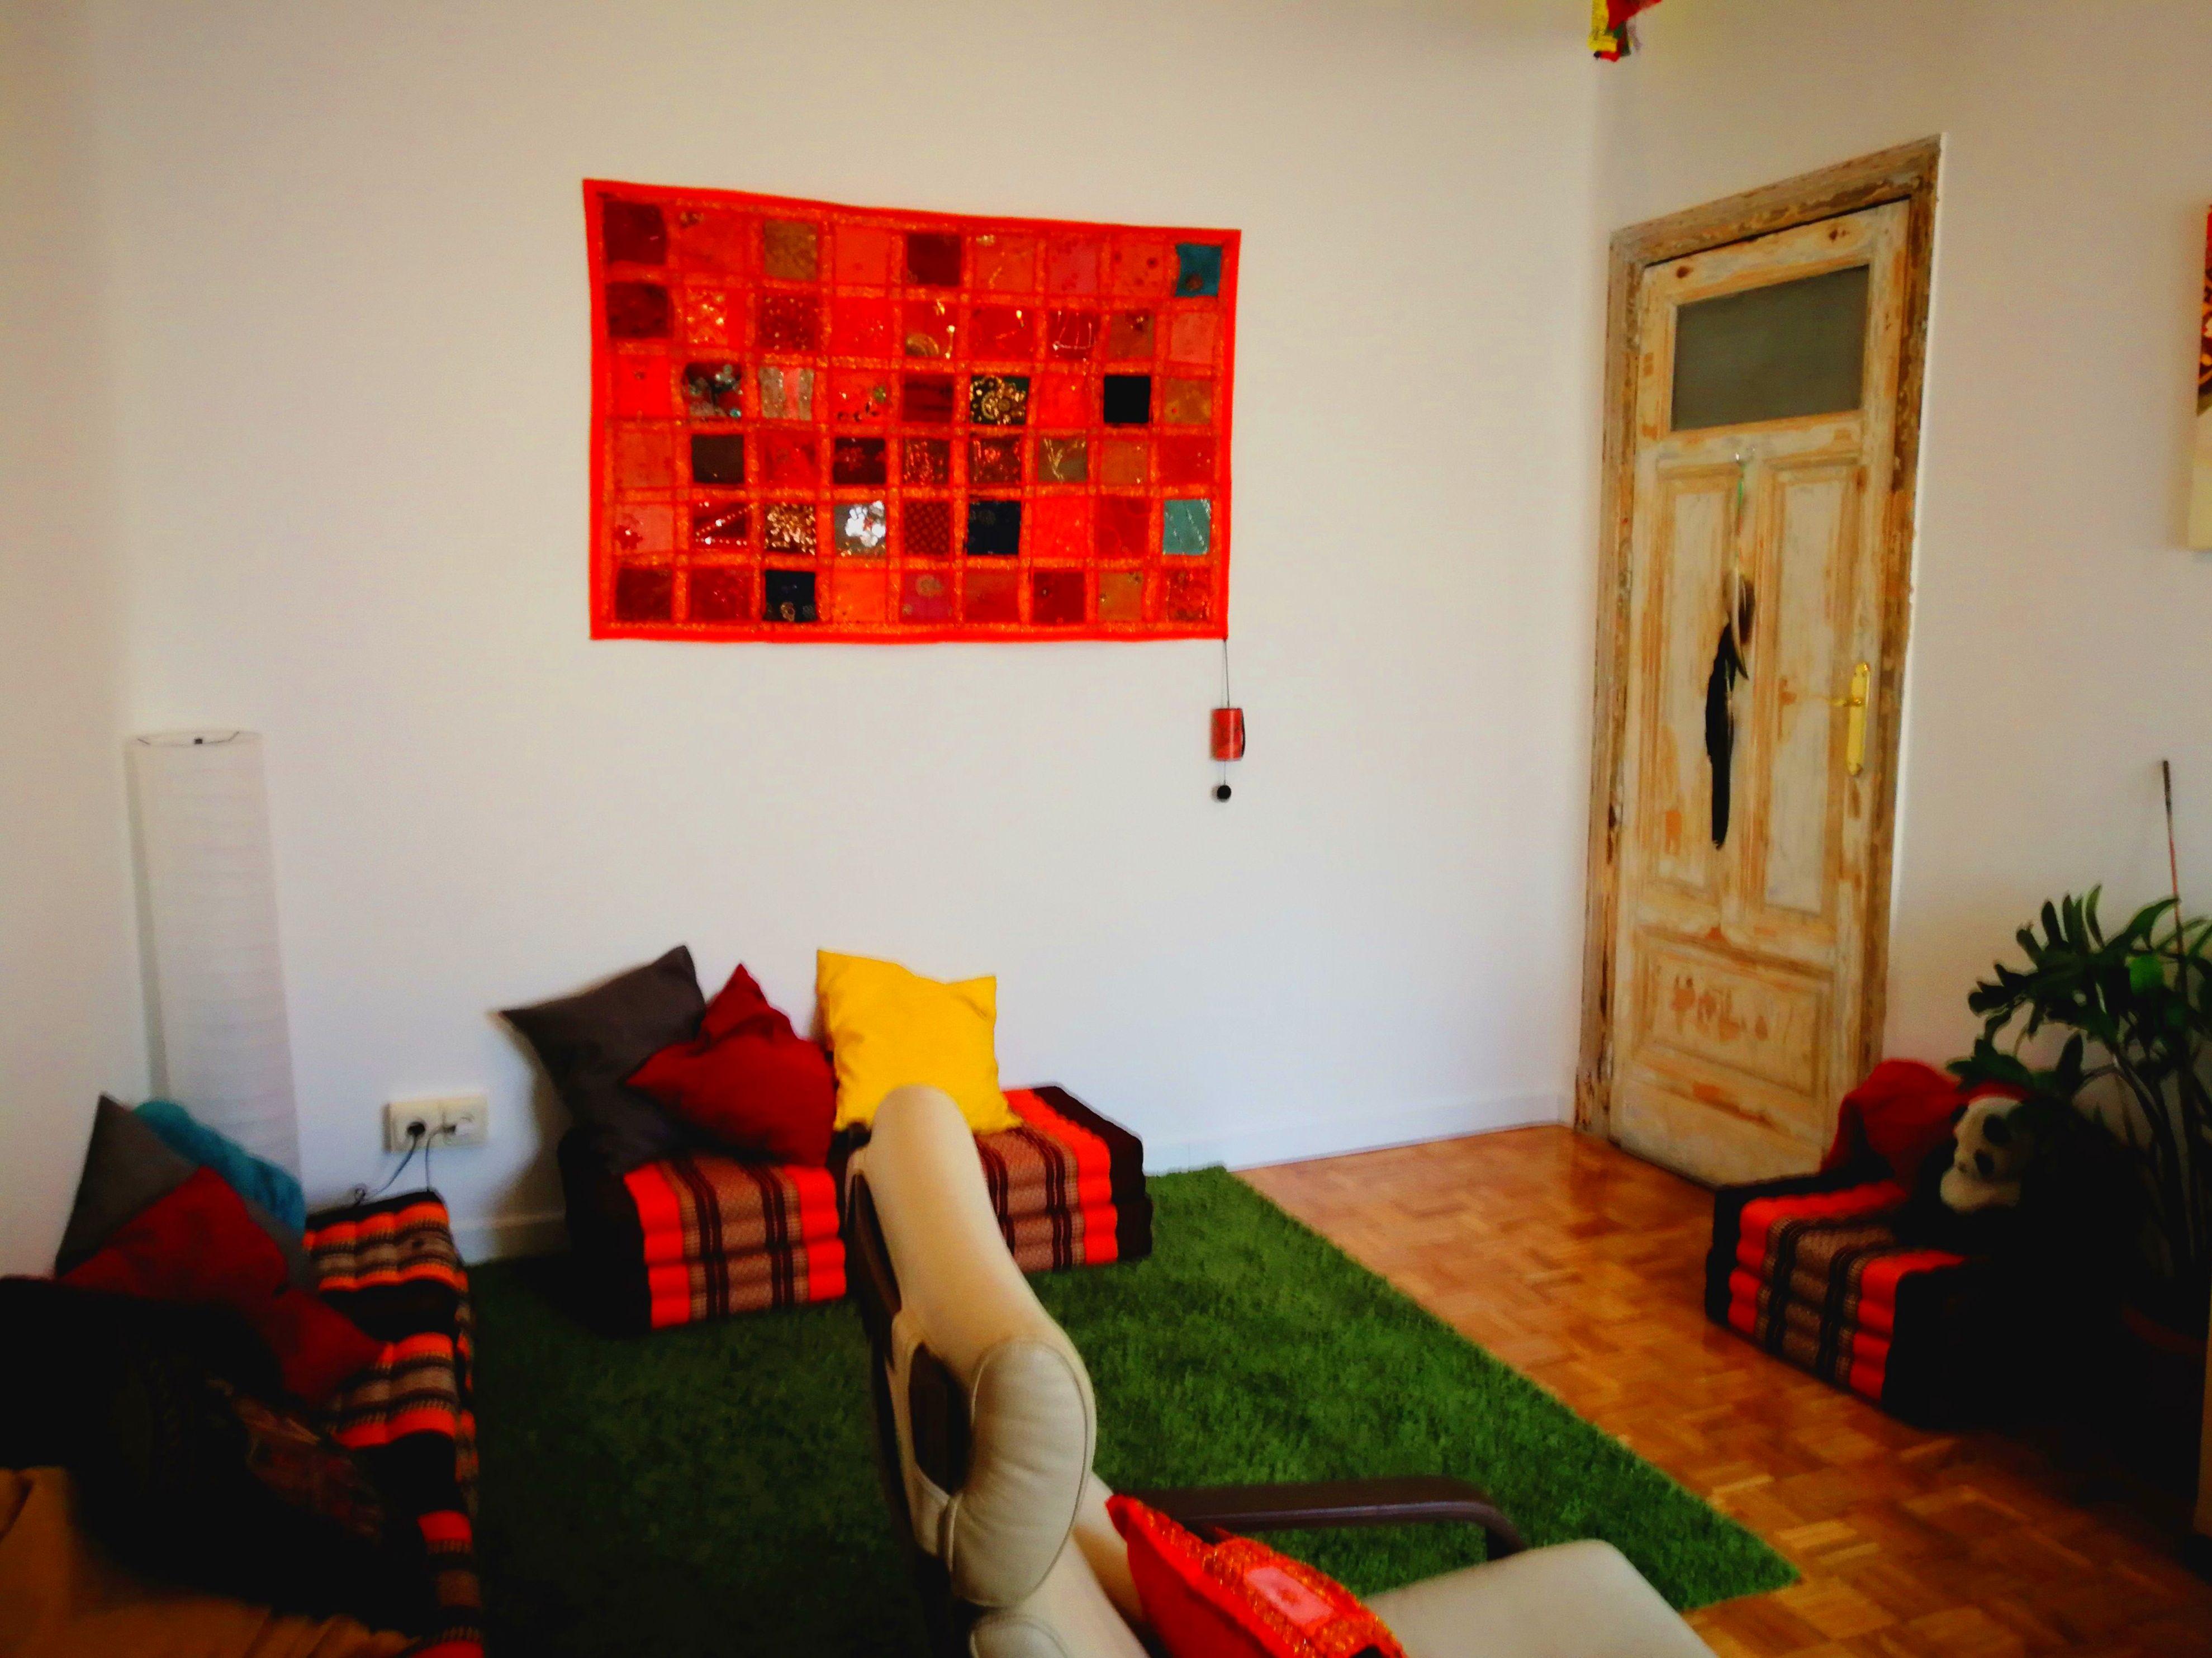 Foto 7 de Terapeuta en Madrid | Terapia Gestalt Integrativa